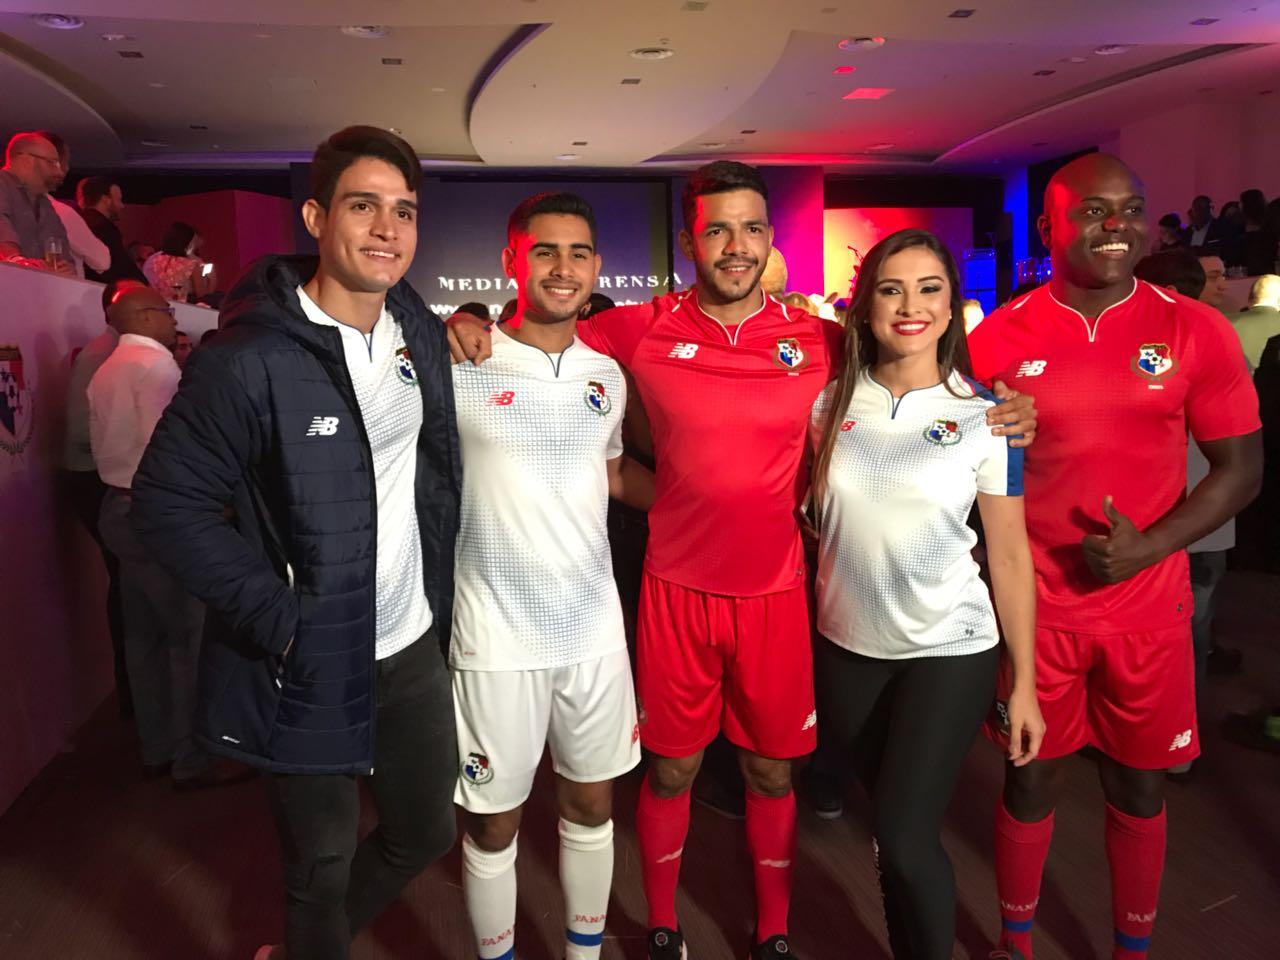 El nuevo uniforme de la selección de Panamá fue presentado en el mes de  abril. 2d65befb05d52